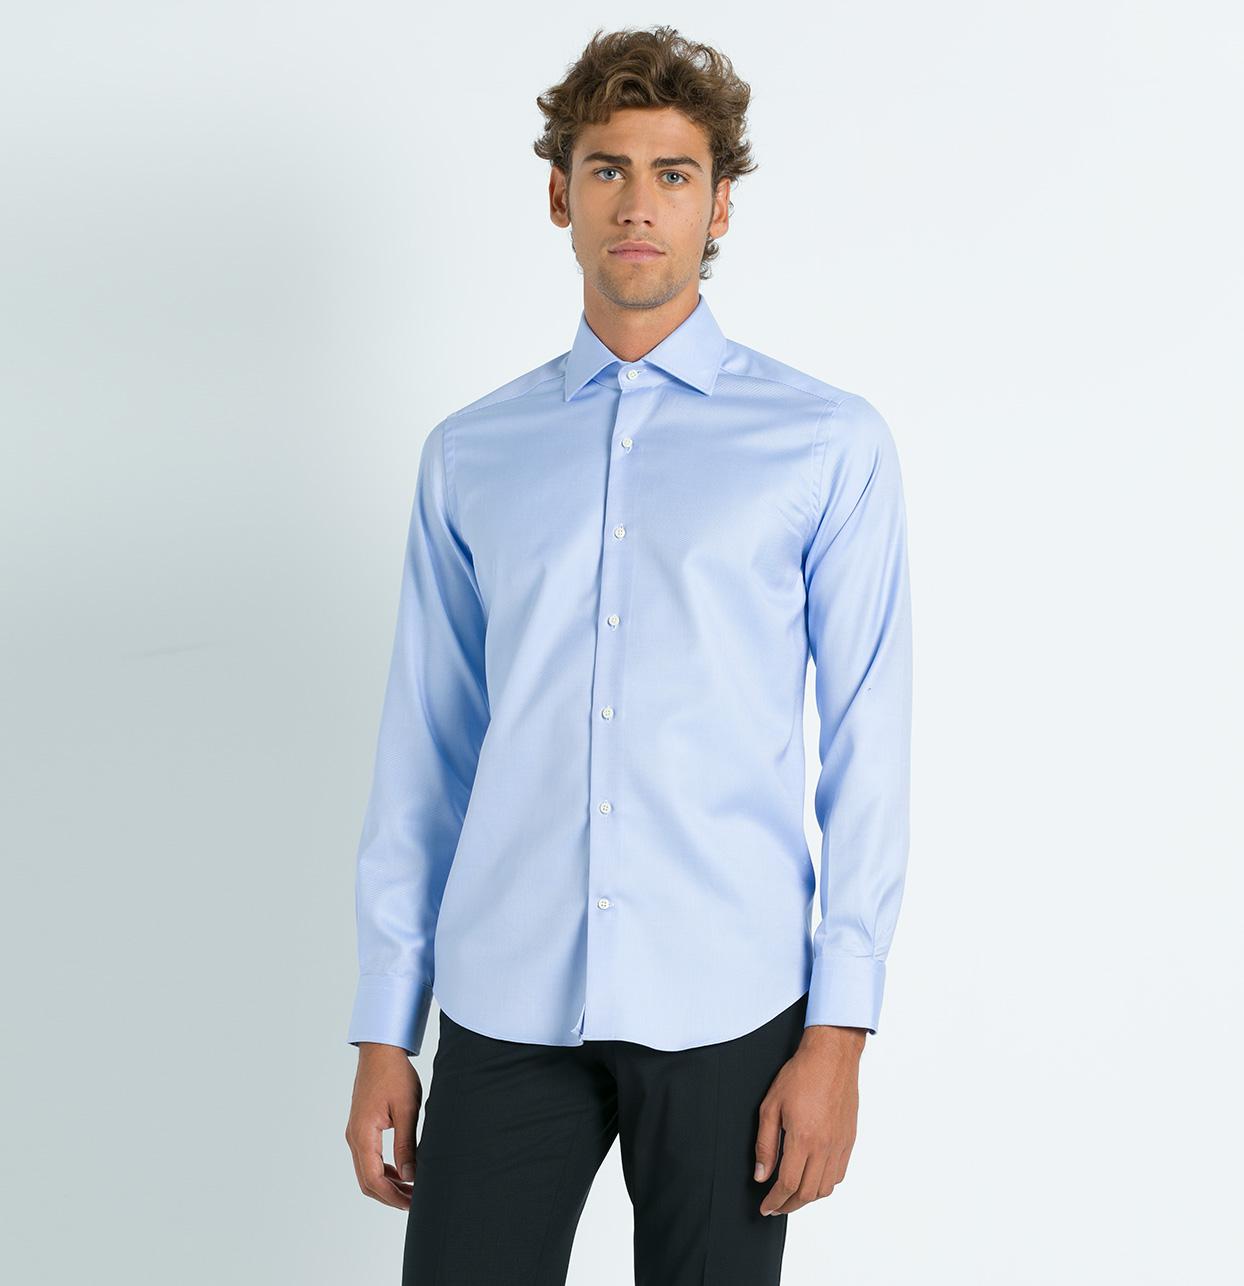 Camisa Formal Wear REGULAR FIT cuello Italiano modelo NAPOLI tejido micro esterilla color blanco,100% Algodón. - Ítem3